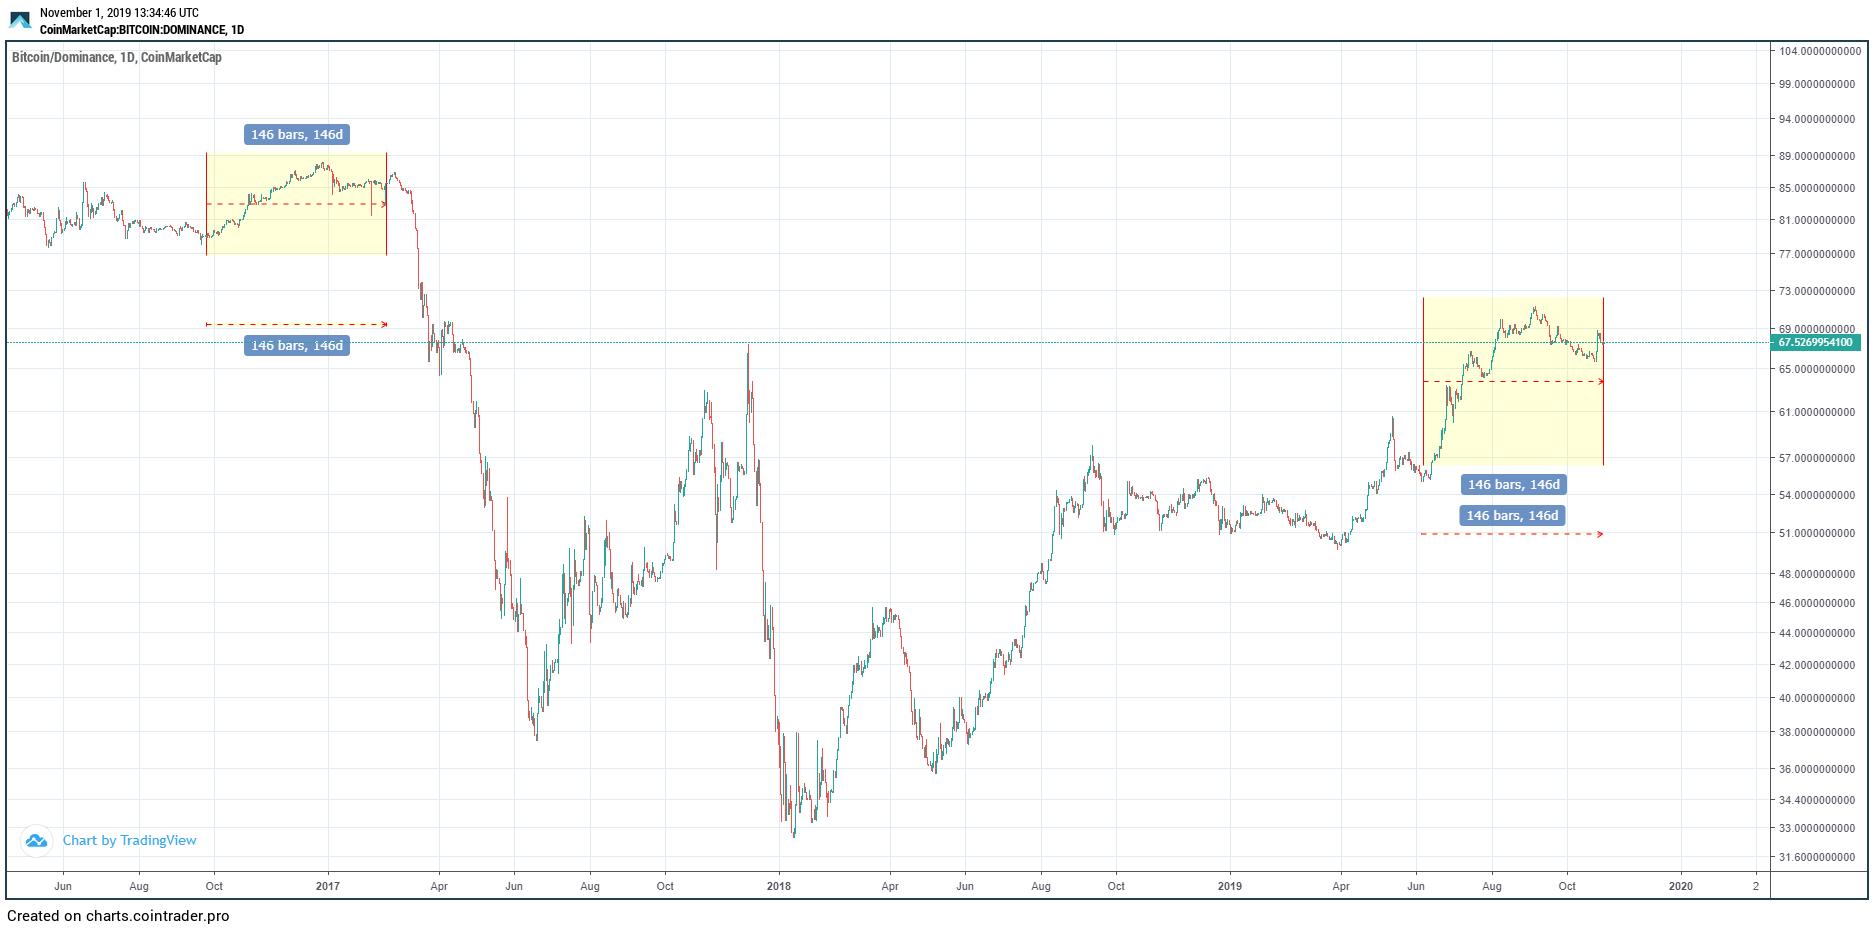 Bitcoin Dominance Fractal